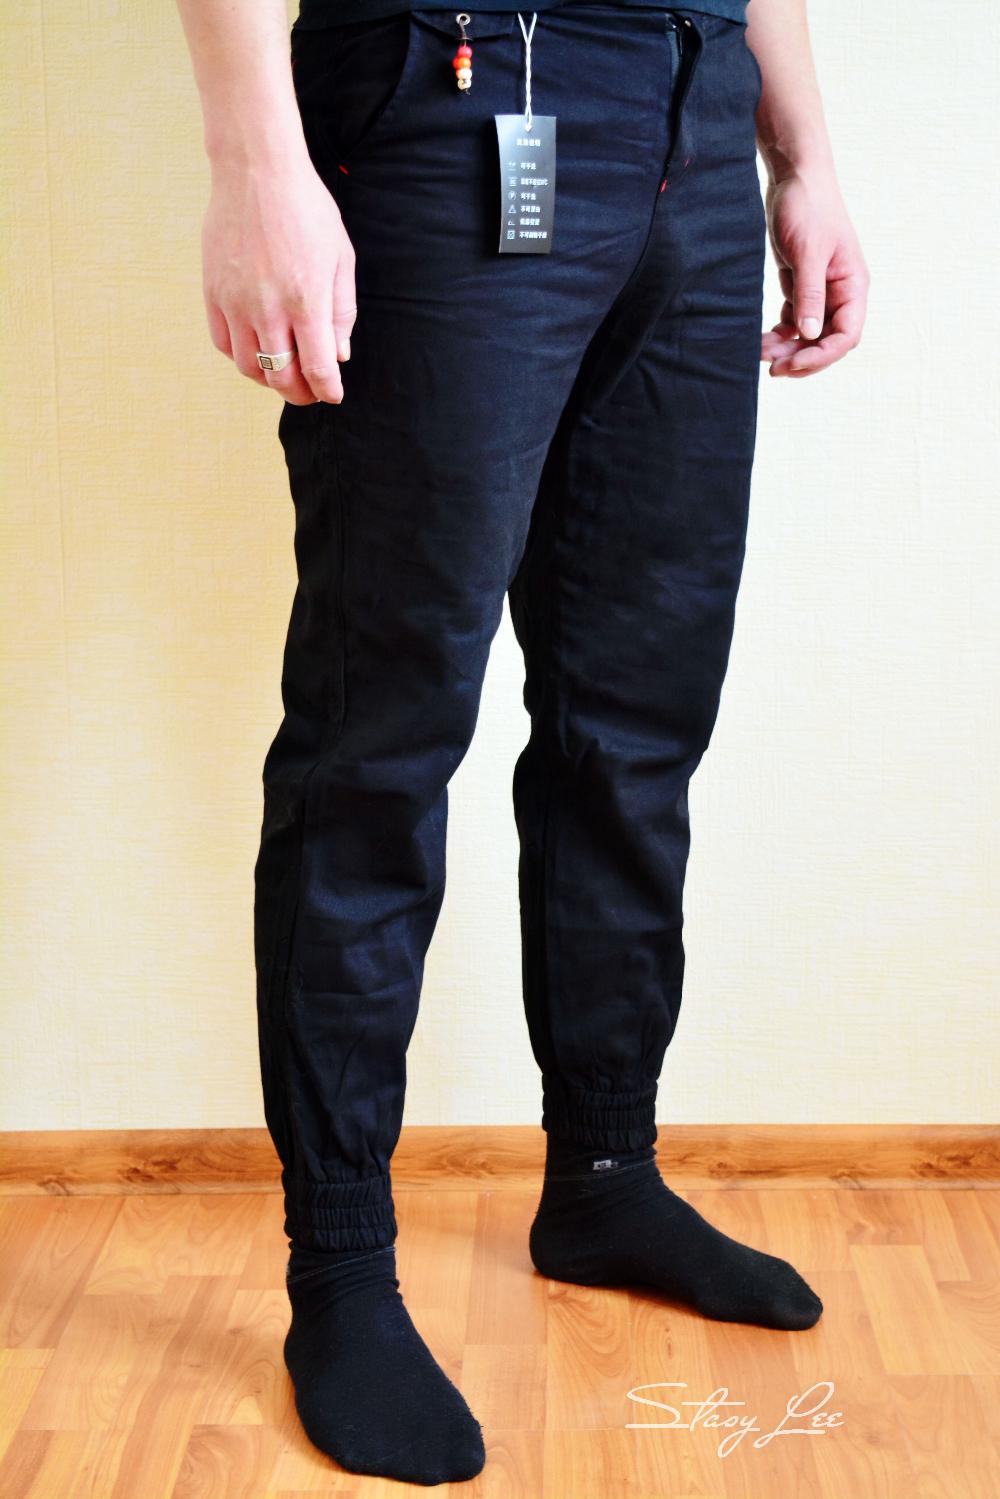 Зауженные мужские штаны с Алиэкспресс